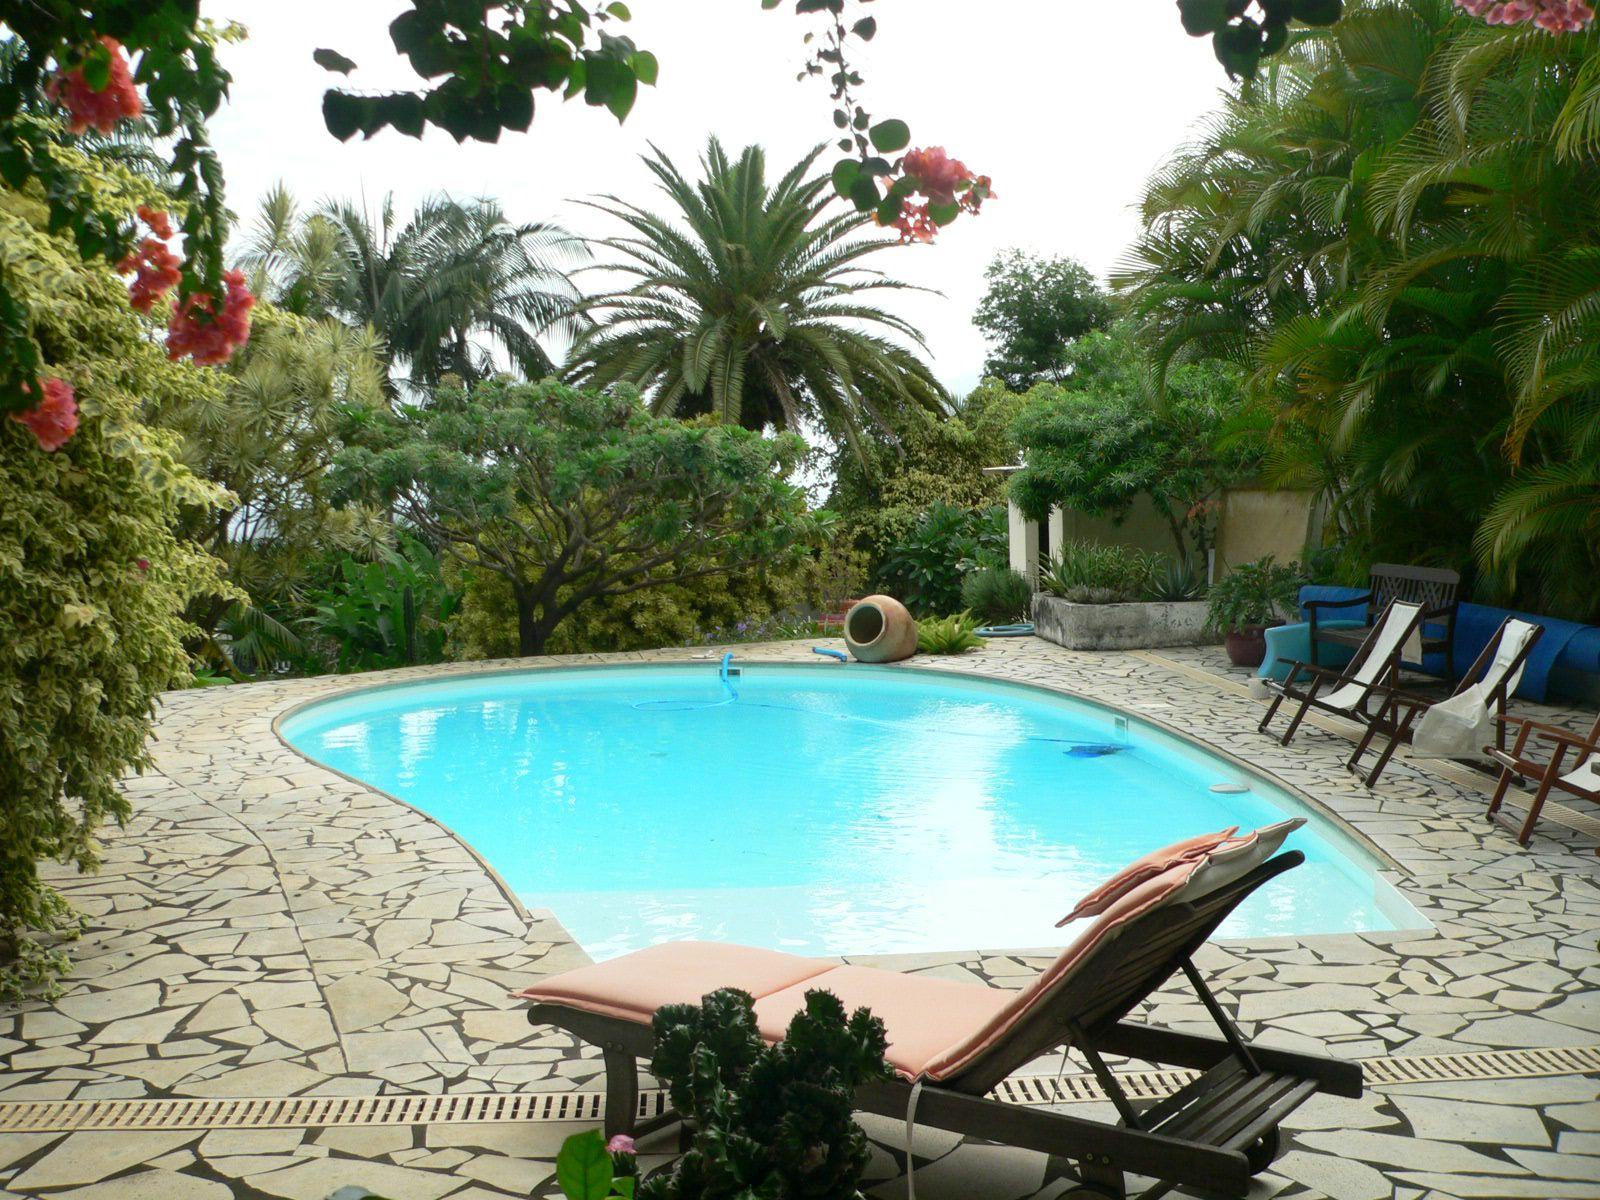 Belle maison et jardin id es de salon de jardin - Maison jardin altamonte springs fl ...